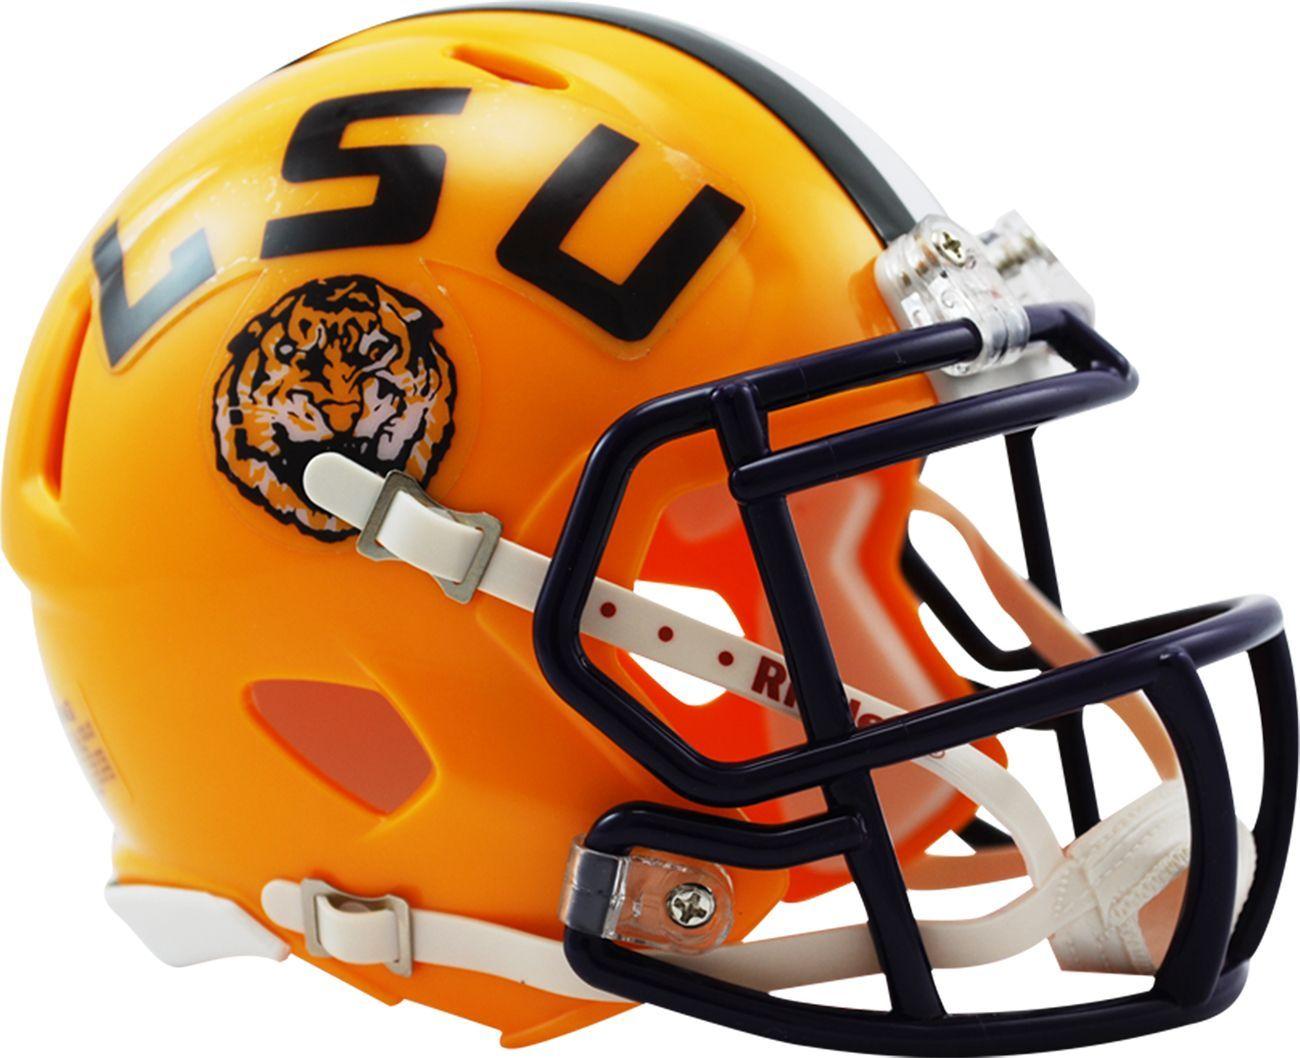 Riddell LSU Tigers Speed Mini Football Helmet in 2019